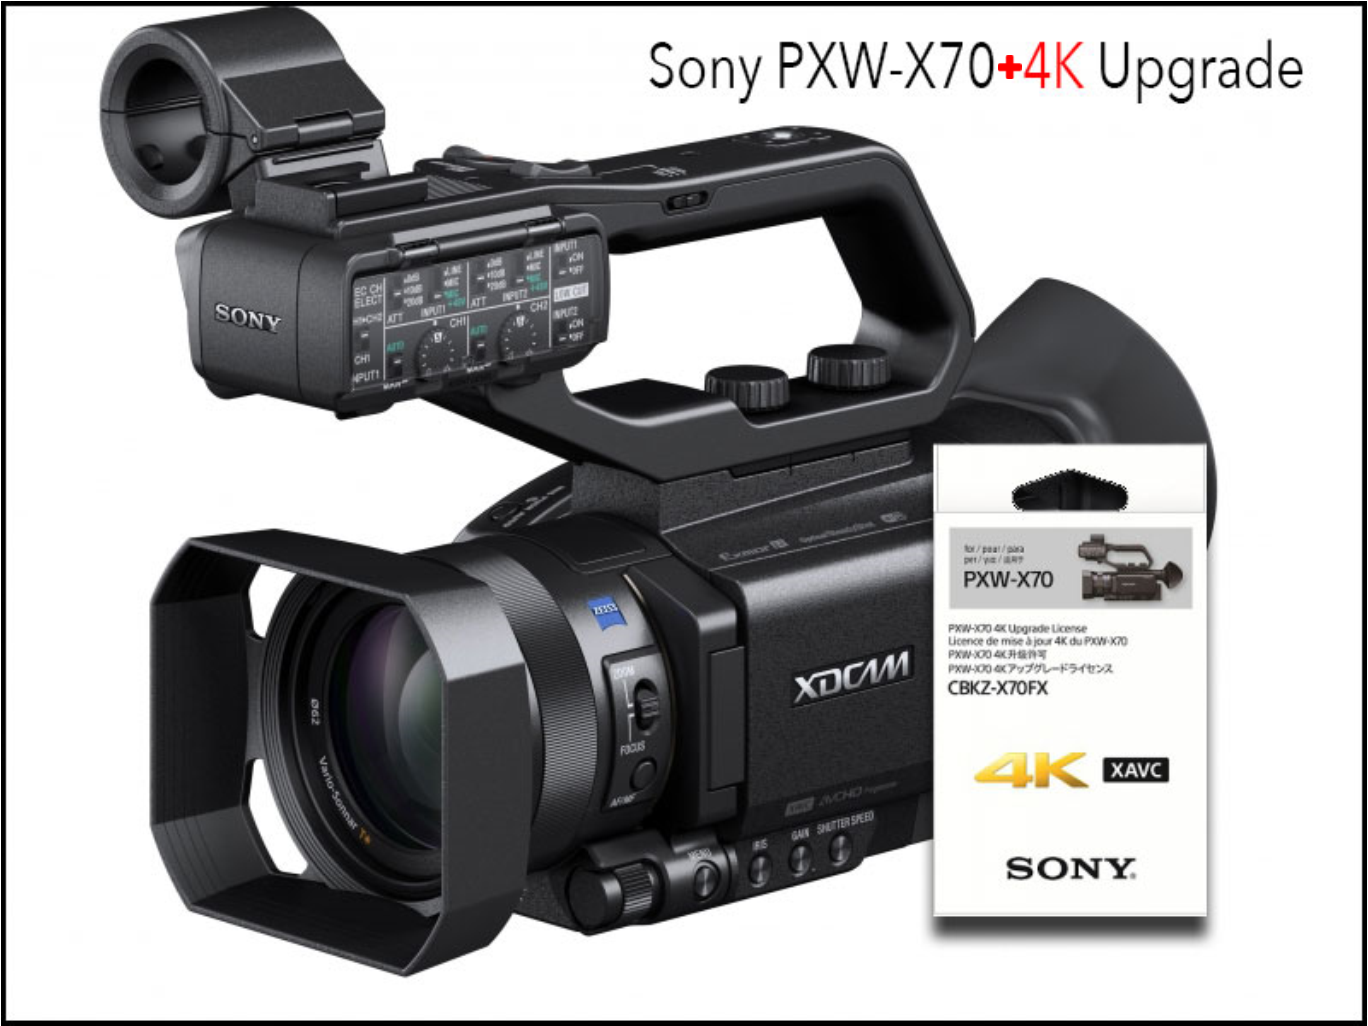 Sony PXW-X70 com upgrade 4K